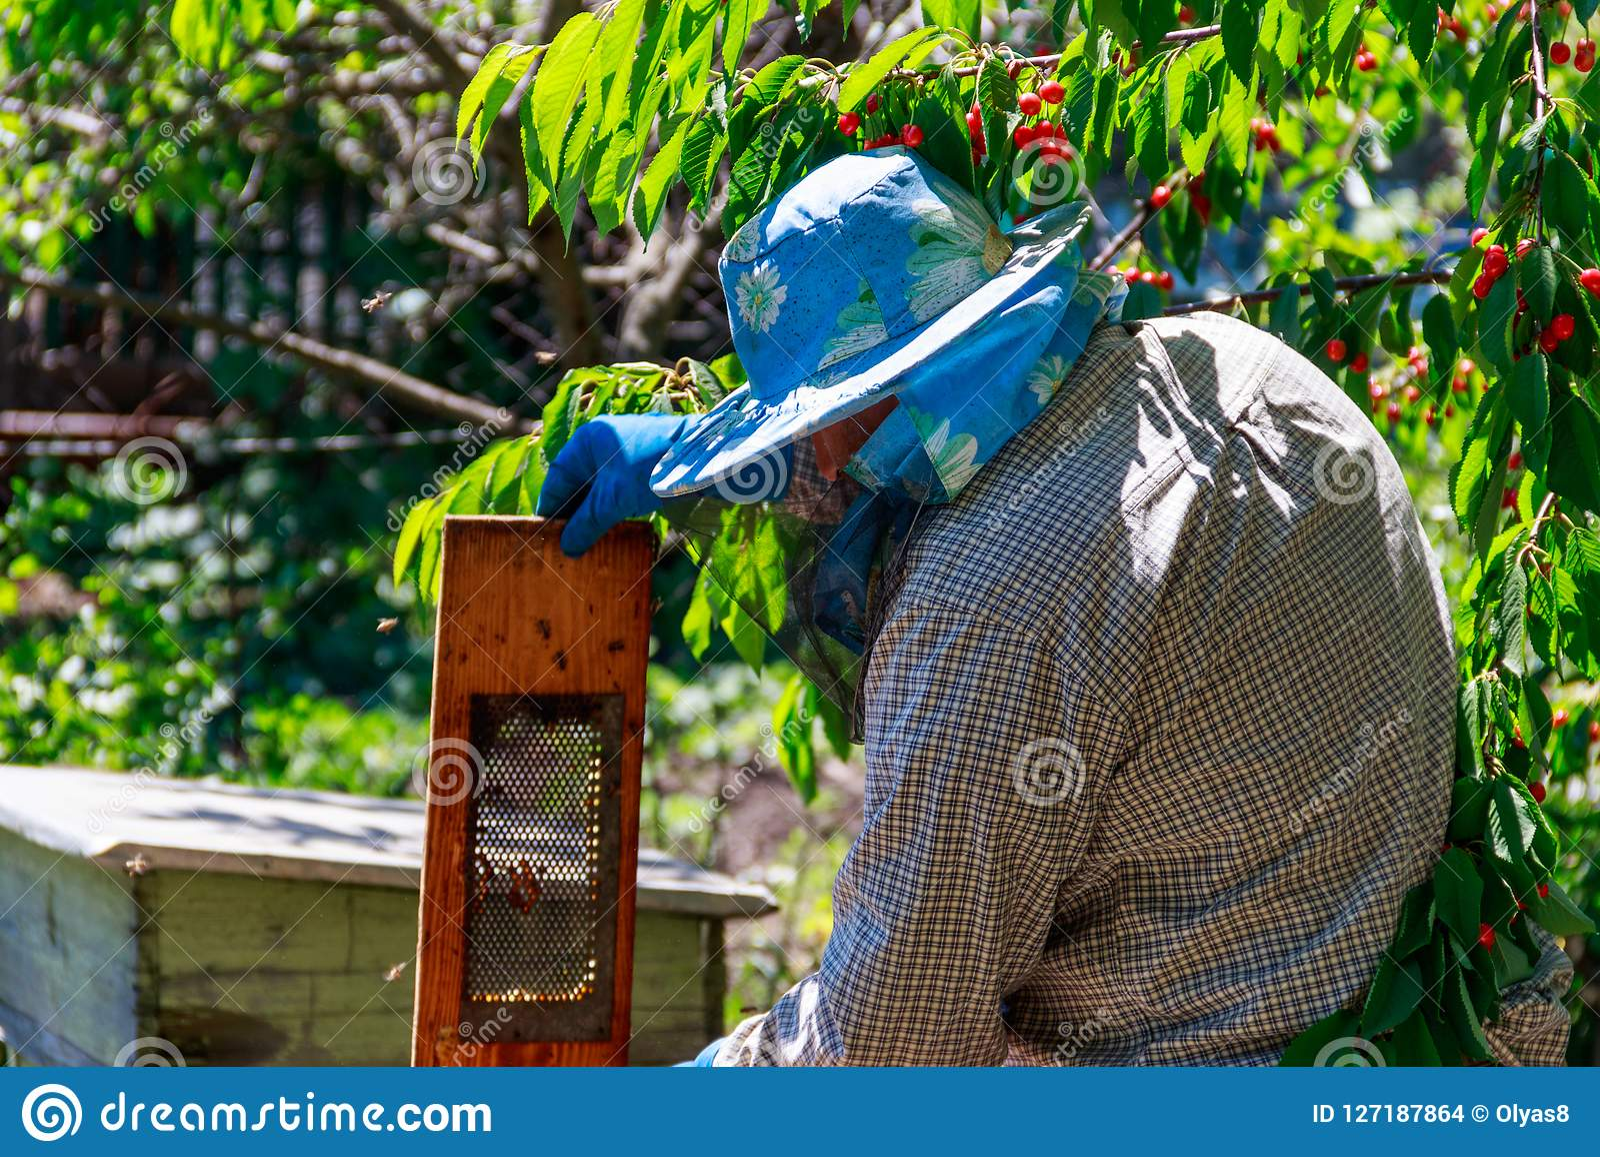 Apiculteur vérifiant une ruche pour assurer la santé de la colonie d abeille ou rassemblant le miel